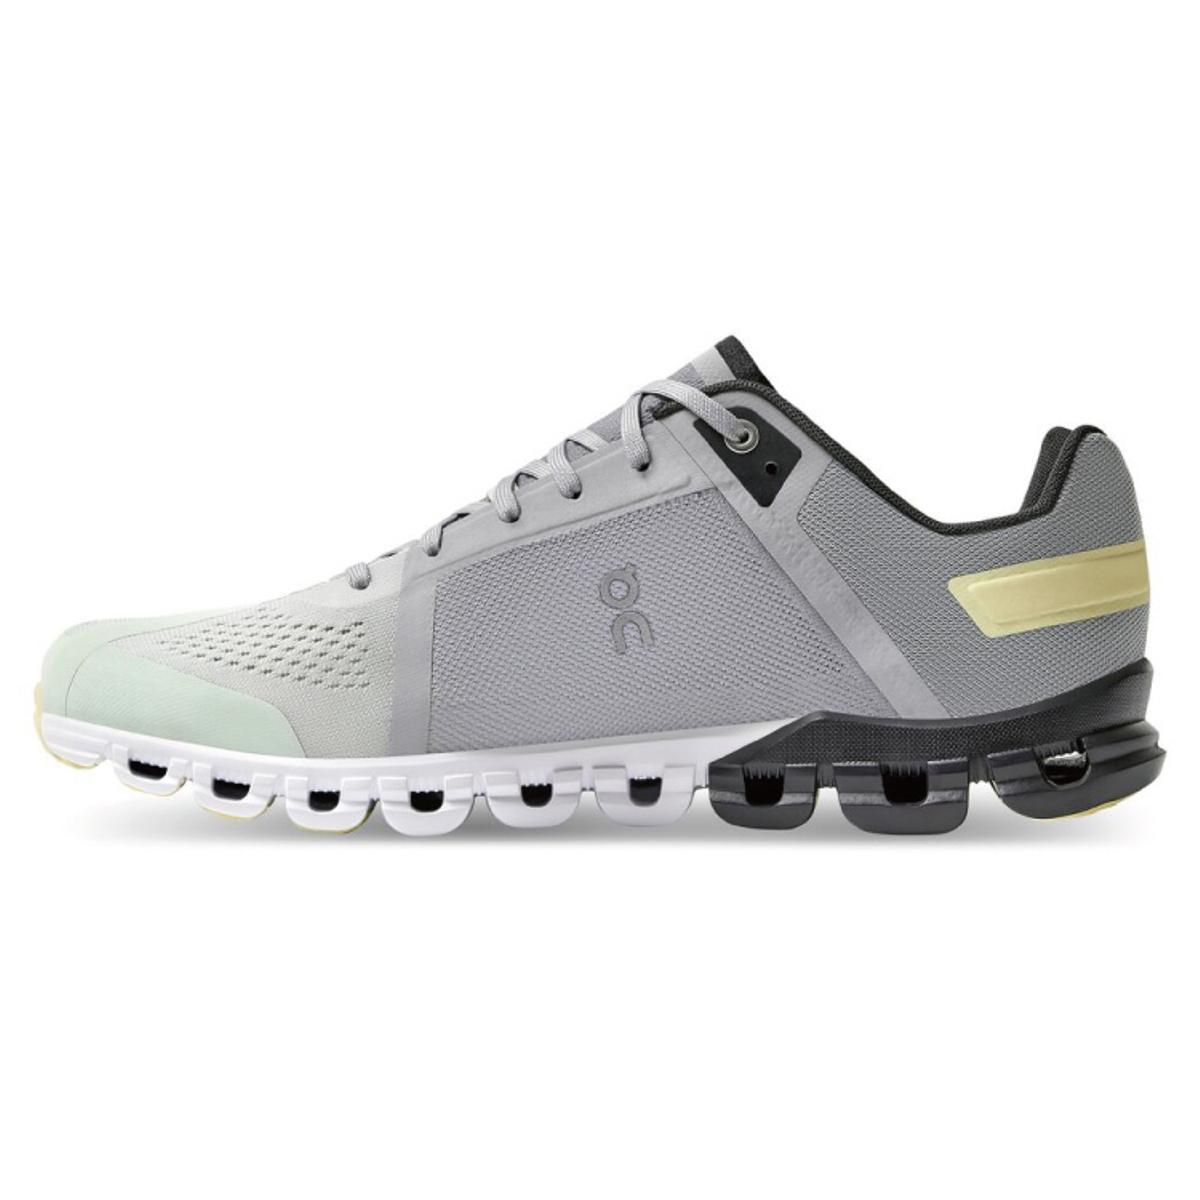 Men's On Cloudflow 3.0 Running Shoe - Color: Alloy/Magnet - Size: 7 - Width: Regular, Alloy/Magnet, large, image 2